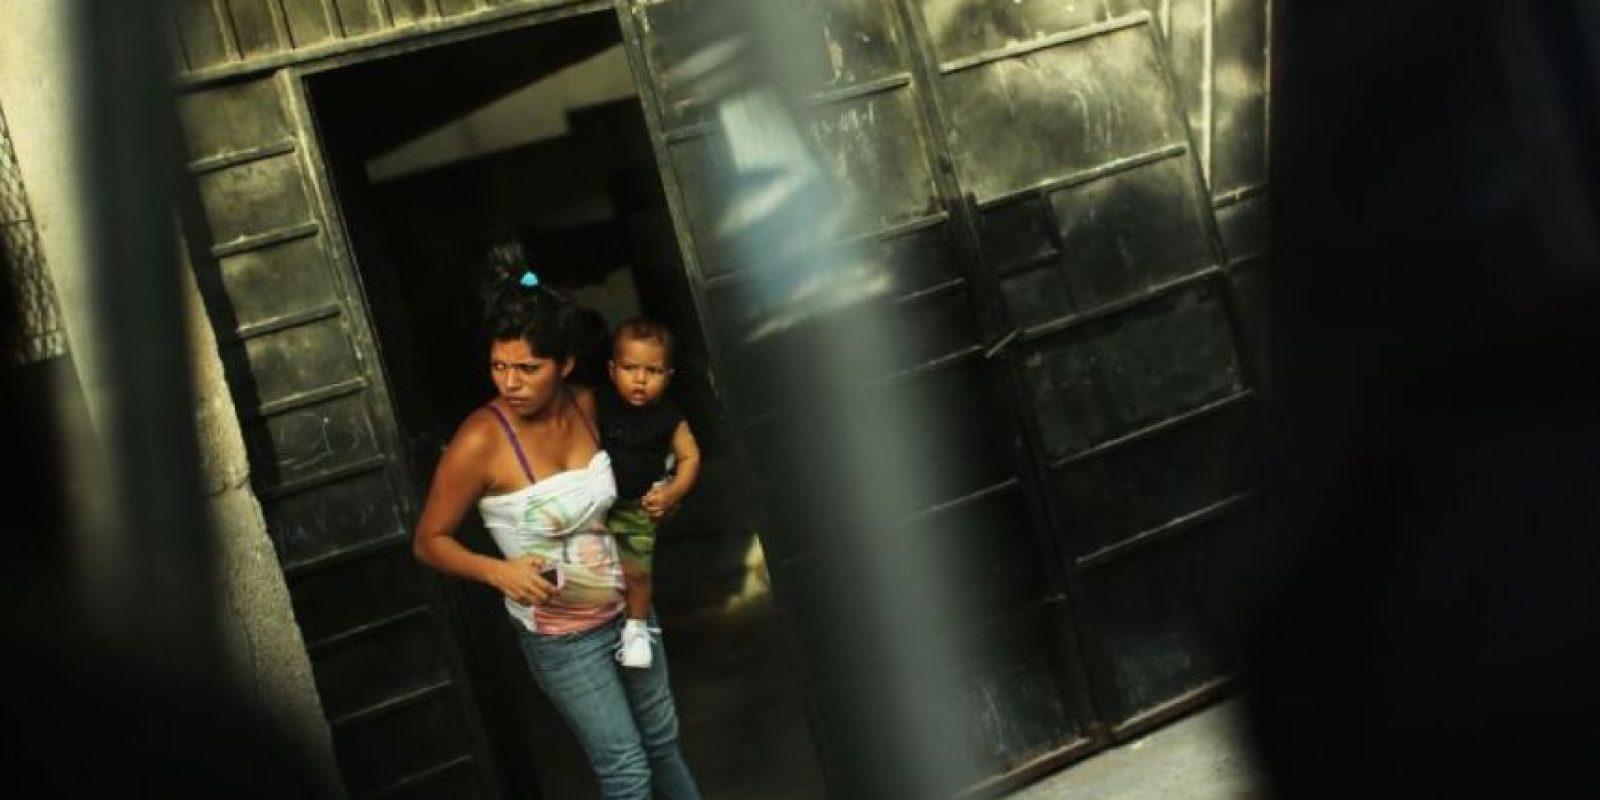 Fuentes indican que muchas desaparecen y su paradero nunca se conoce. Foto:vía Getty Images